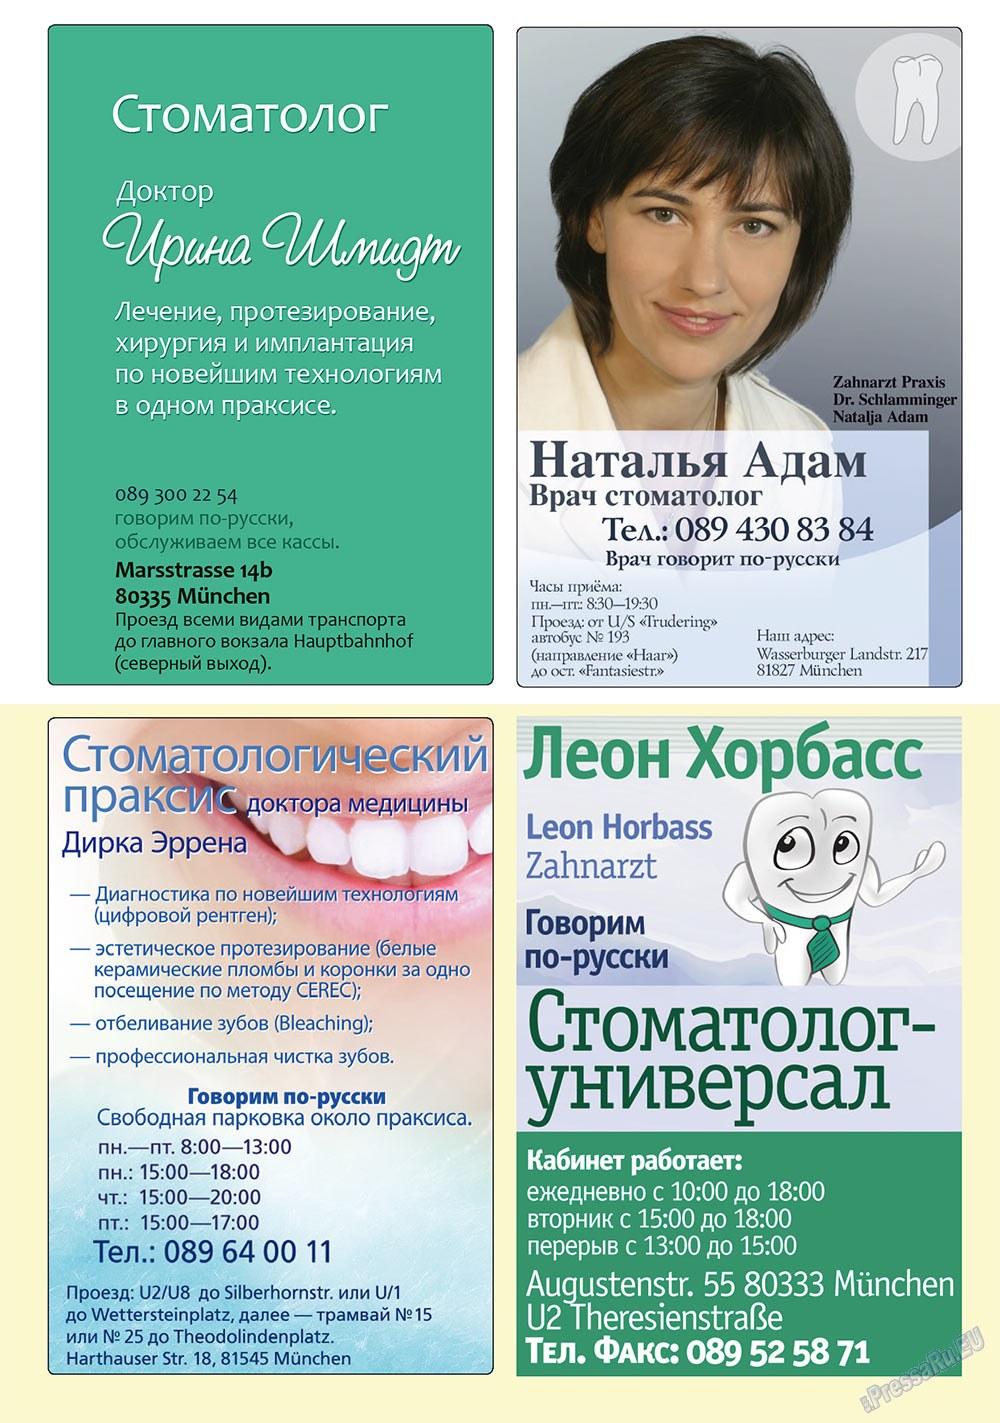 Апельсин (журнал). 2010 год, номер 14, стр. 35